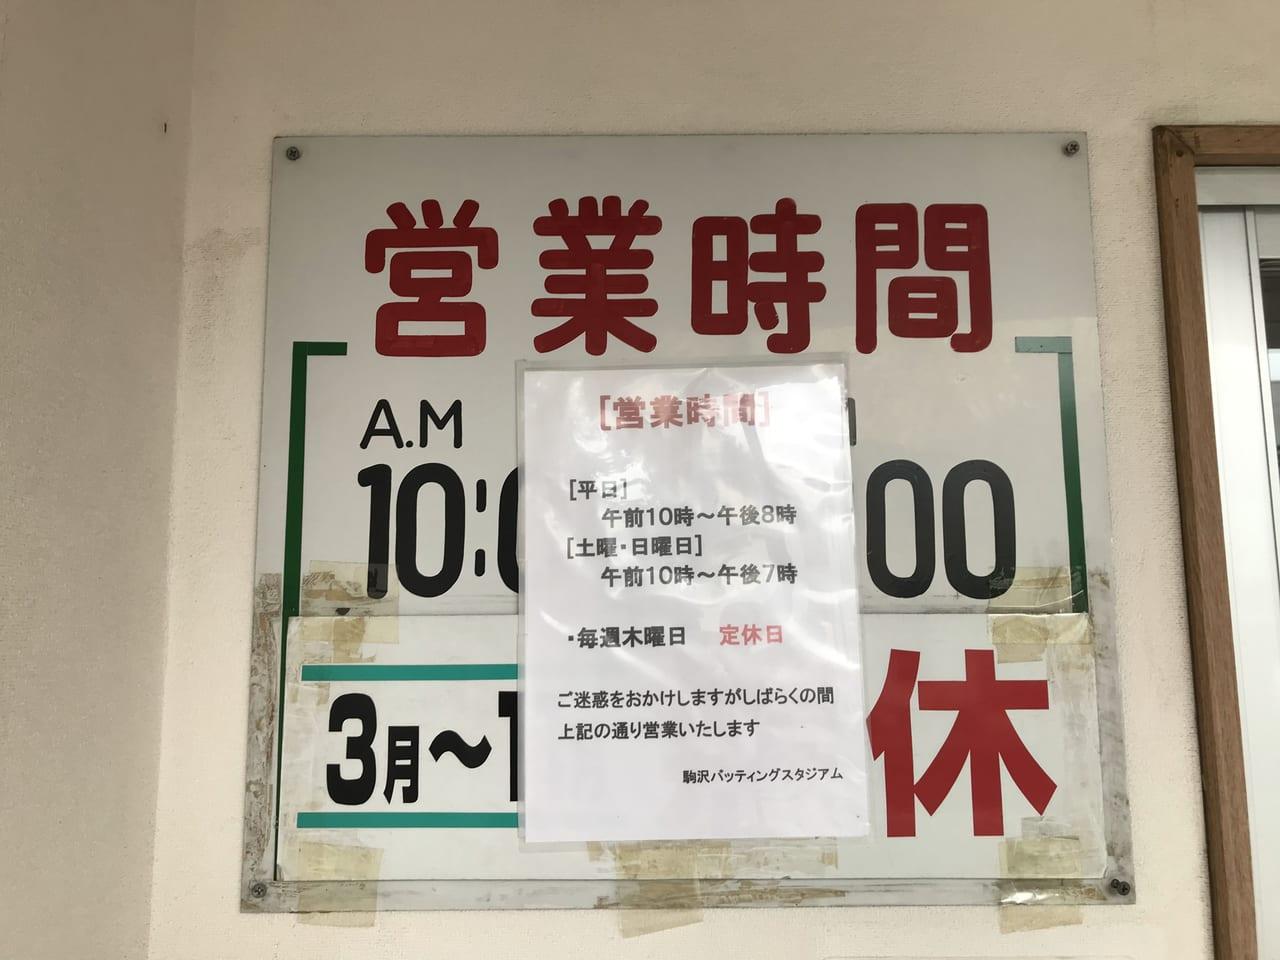 世田谷区駒沢バッティングスタジアム